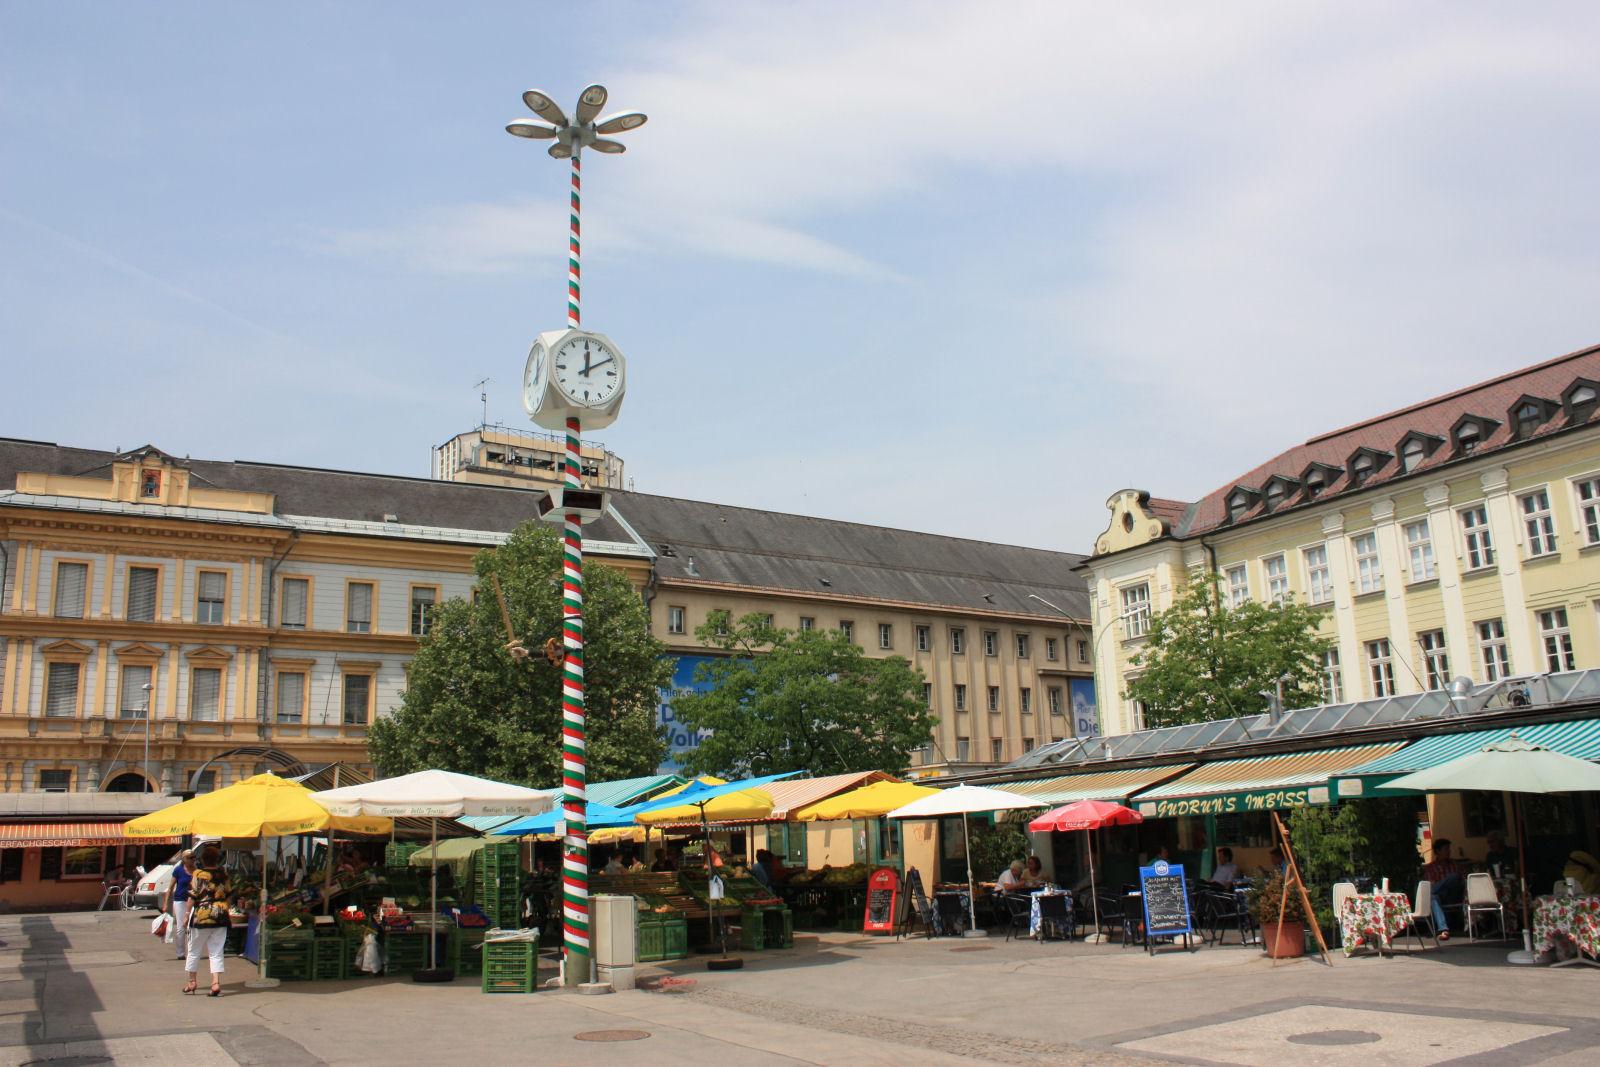 Klagenfurt's Benedictine Market in downtown Klagenfurt offers everything your heart desires.